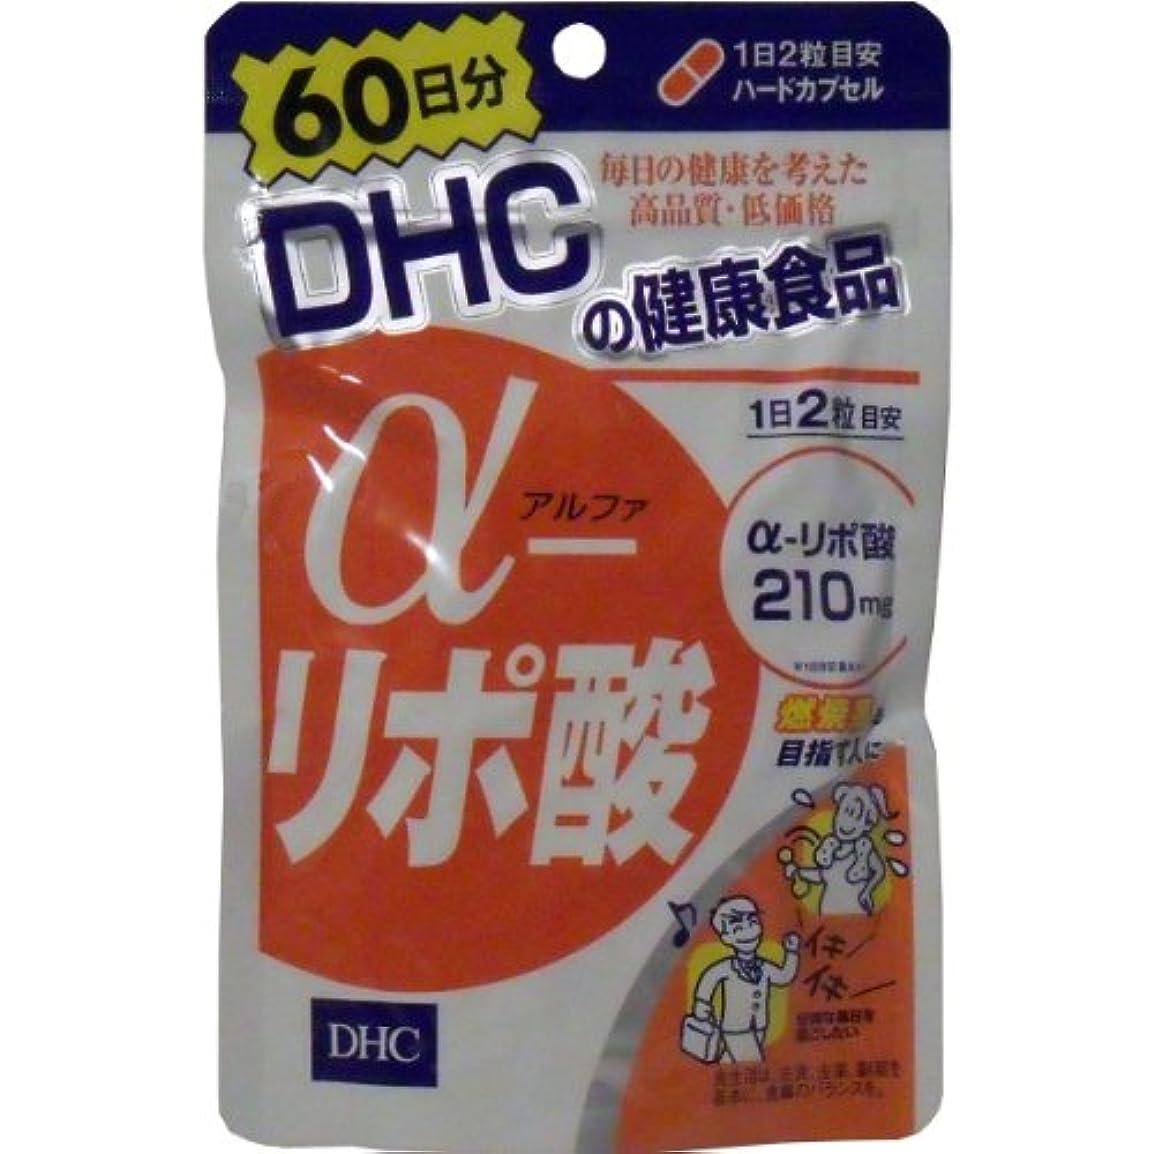 しょっぱいスモッグピアDHC α-リポ酸60日分 120粒×3個セット